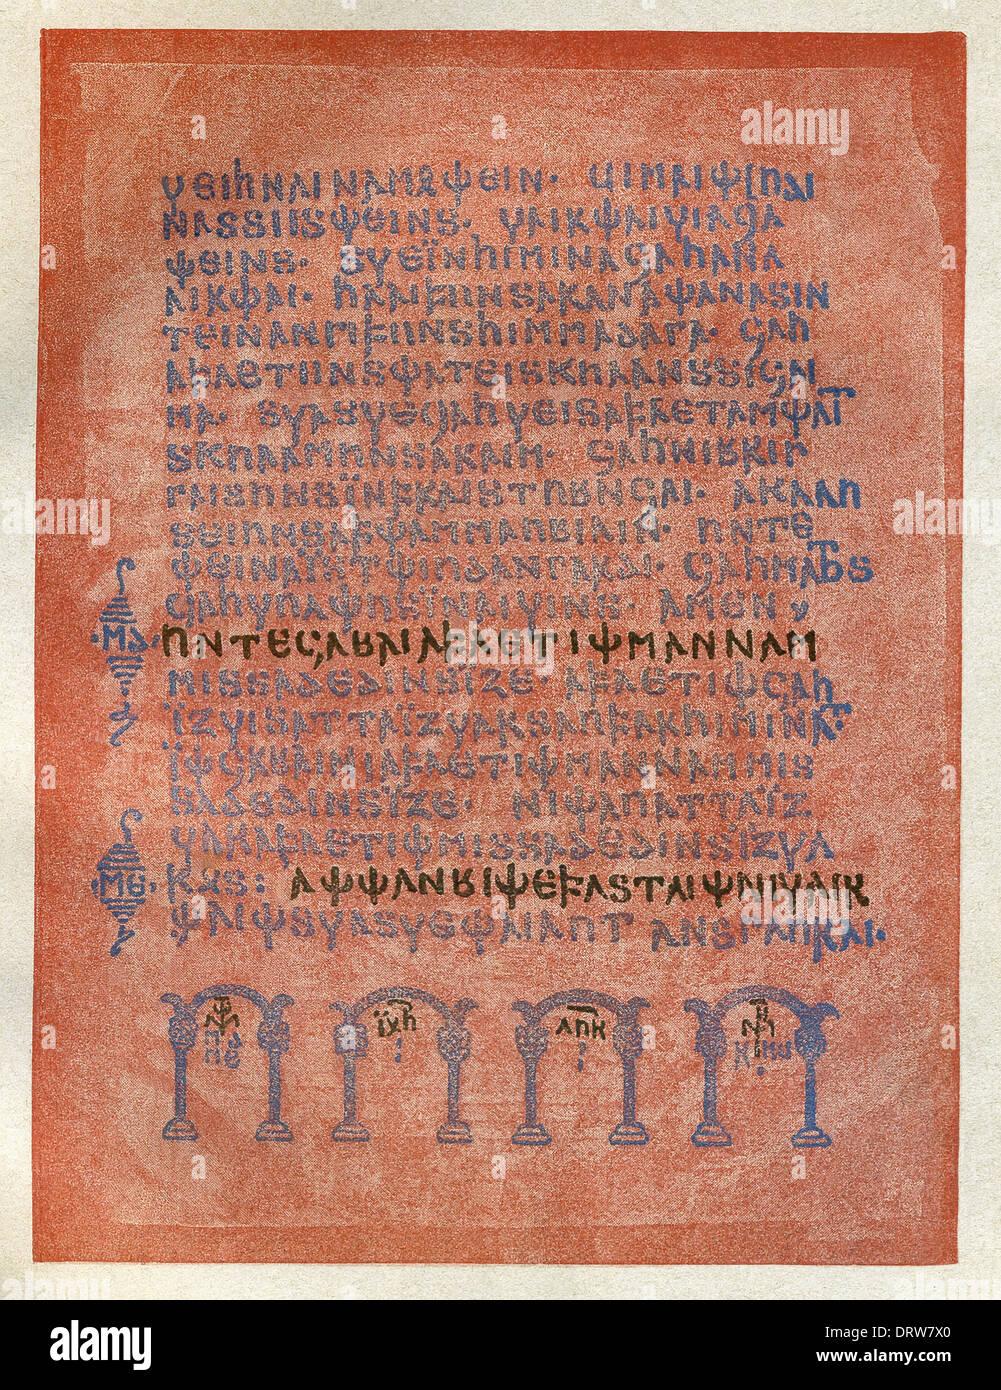 Una copia de una página del Codex Argenteus en exhibición en el Carolina Rediviva Libaray en la Universidad de Upsala en Suecia Foto de stock